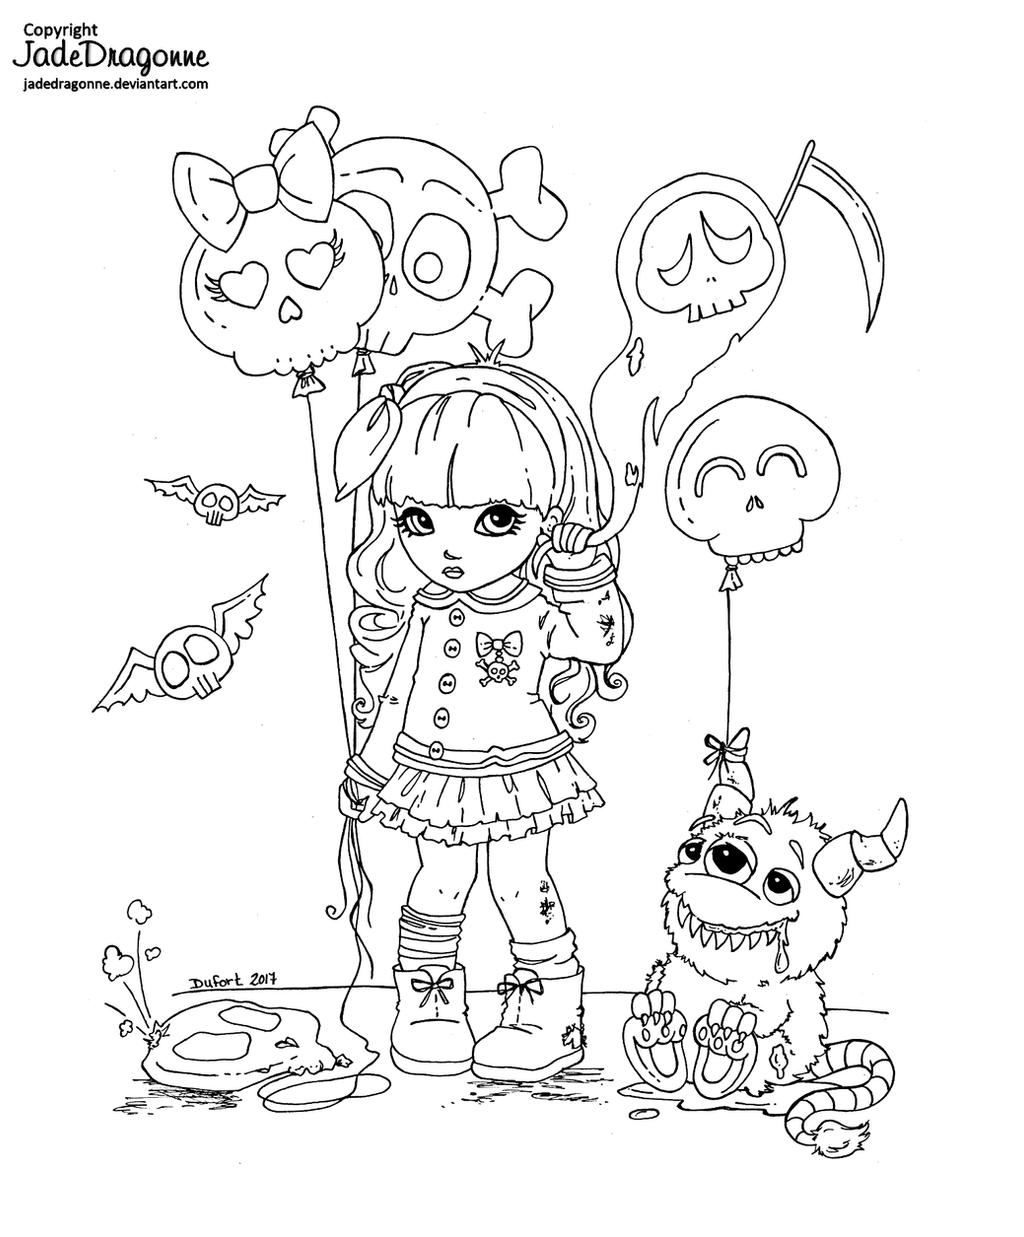 Dark Cutie Pie By Jadedragonne On Deviantart